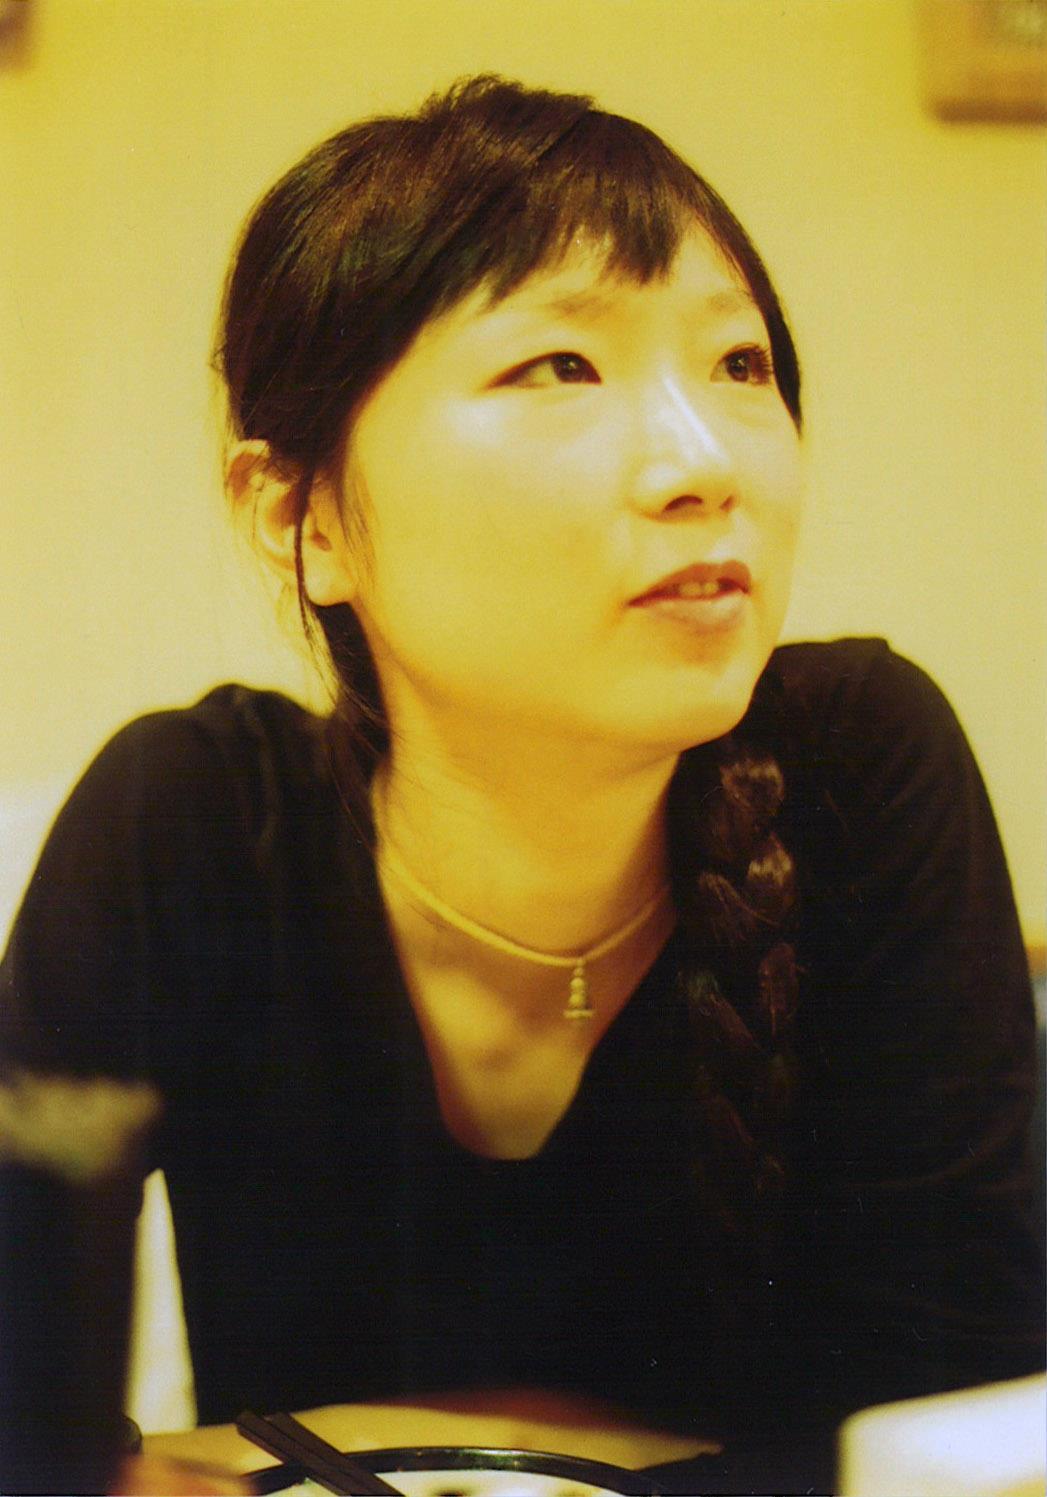 Ishibashi Yui – Artiste sculpteur Japon